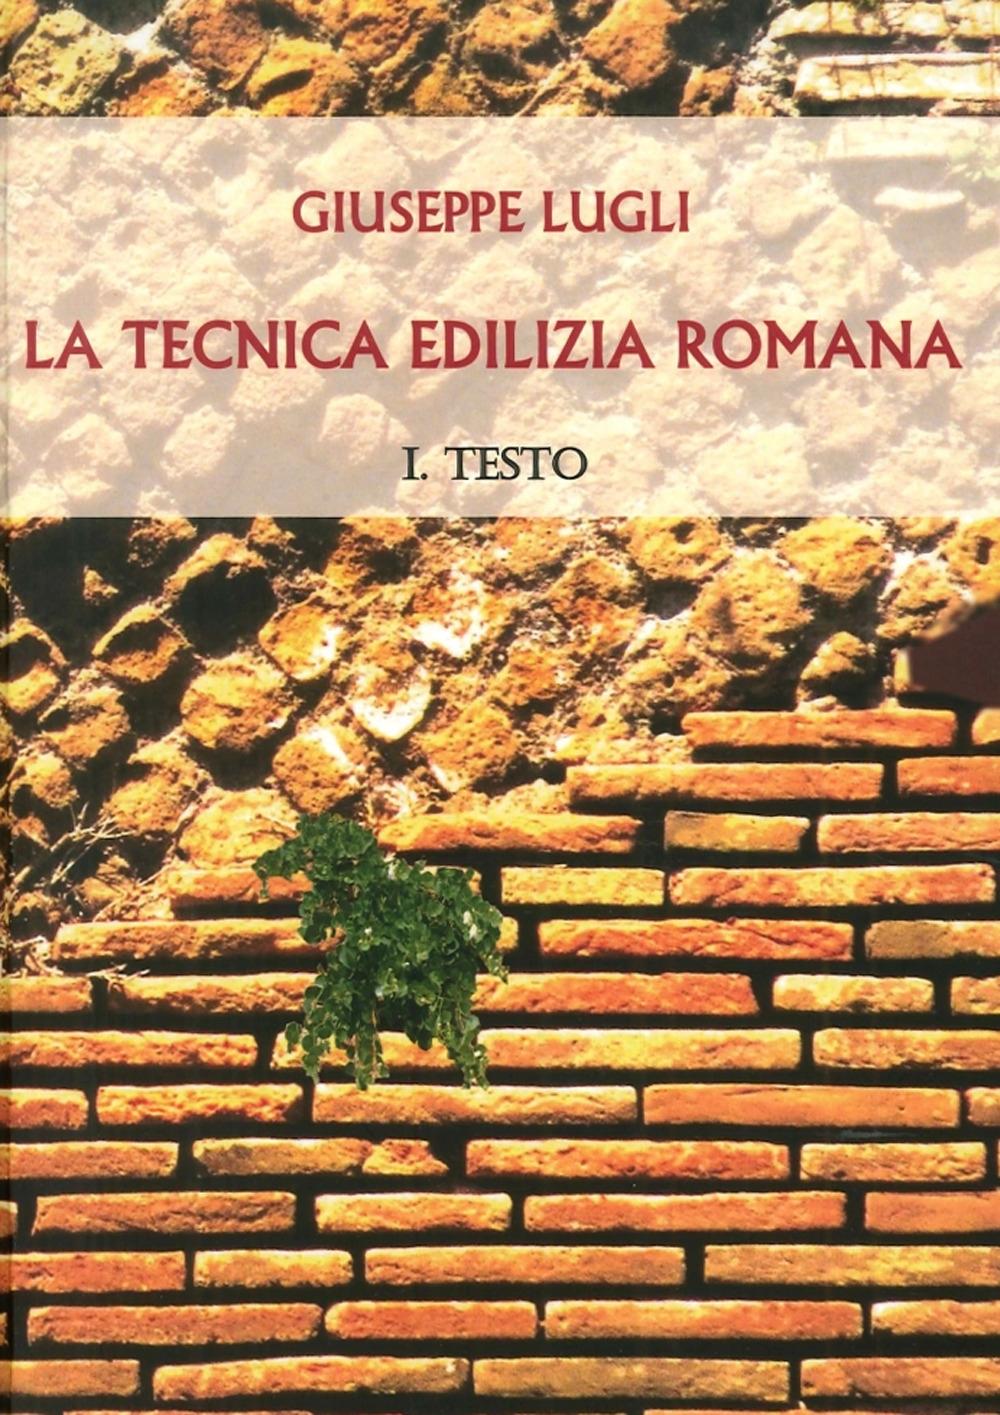 La tecnica edilizia romana con particolare riguardo a Roma e Lazio.